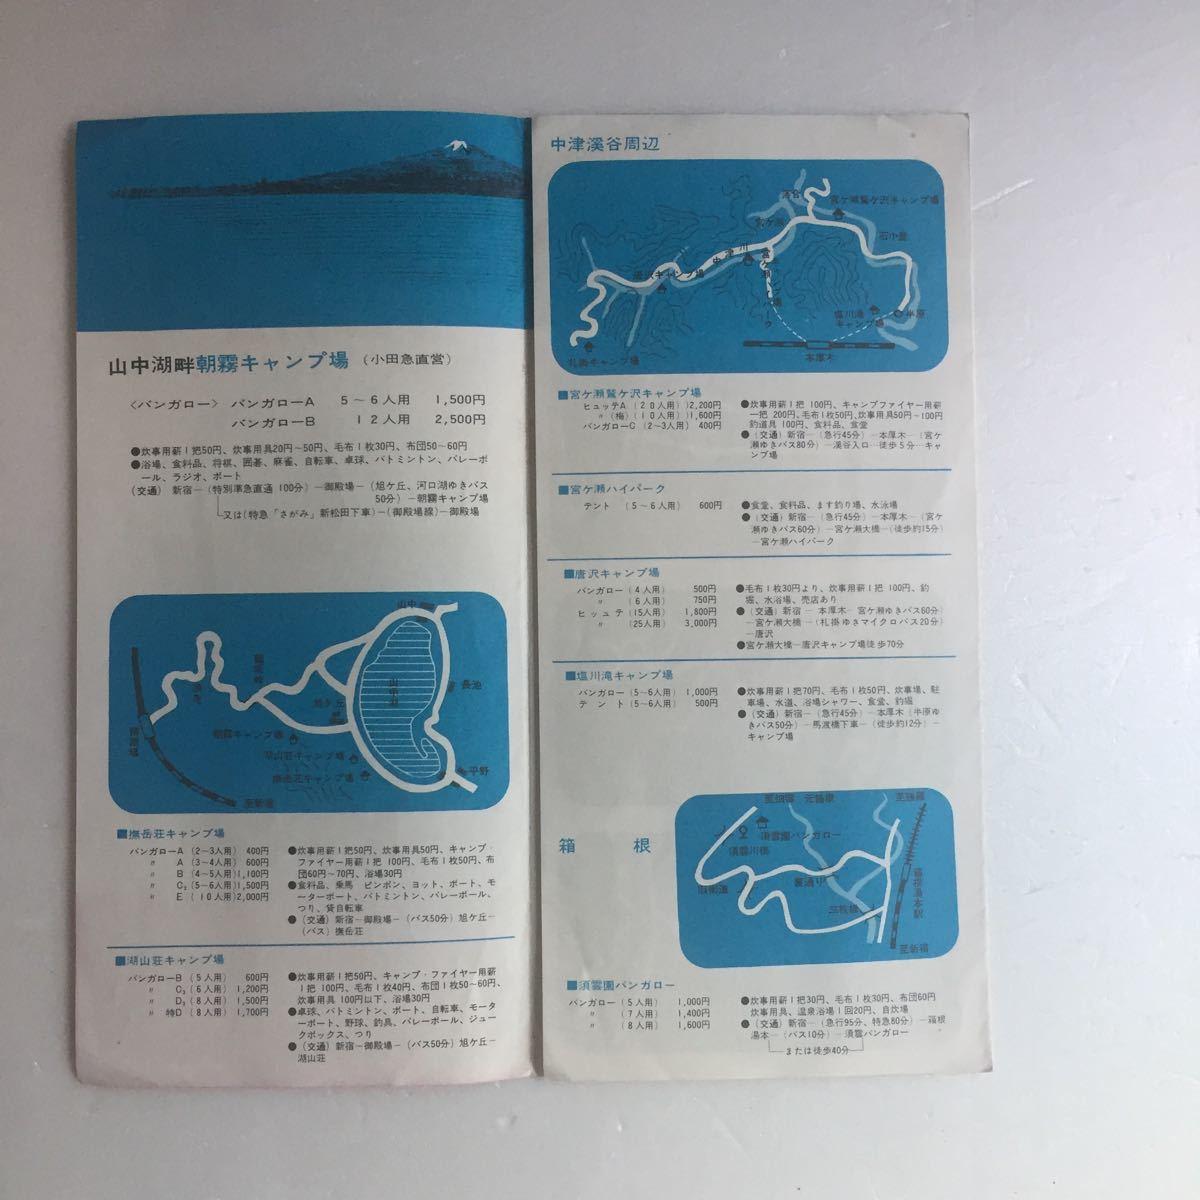 昭和レトロ 小田急キャンプ バンガロー 案内パンフレット 地図 料金表 当時物資料 アンティーク印刷物_画像2